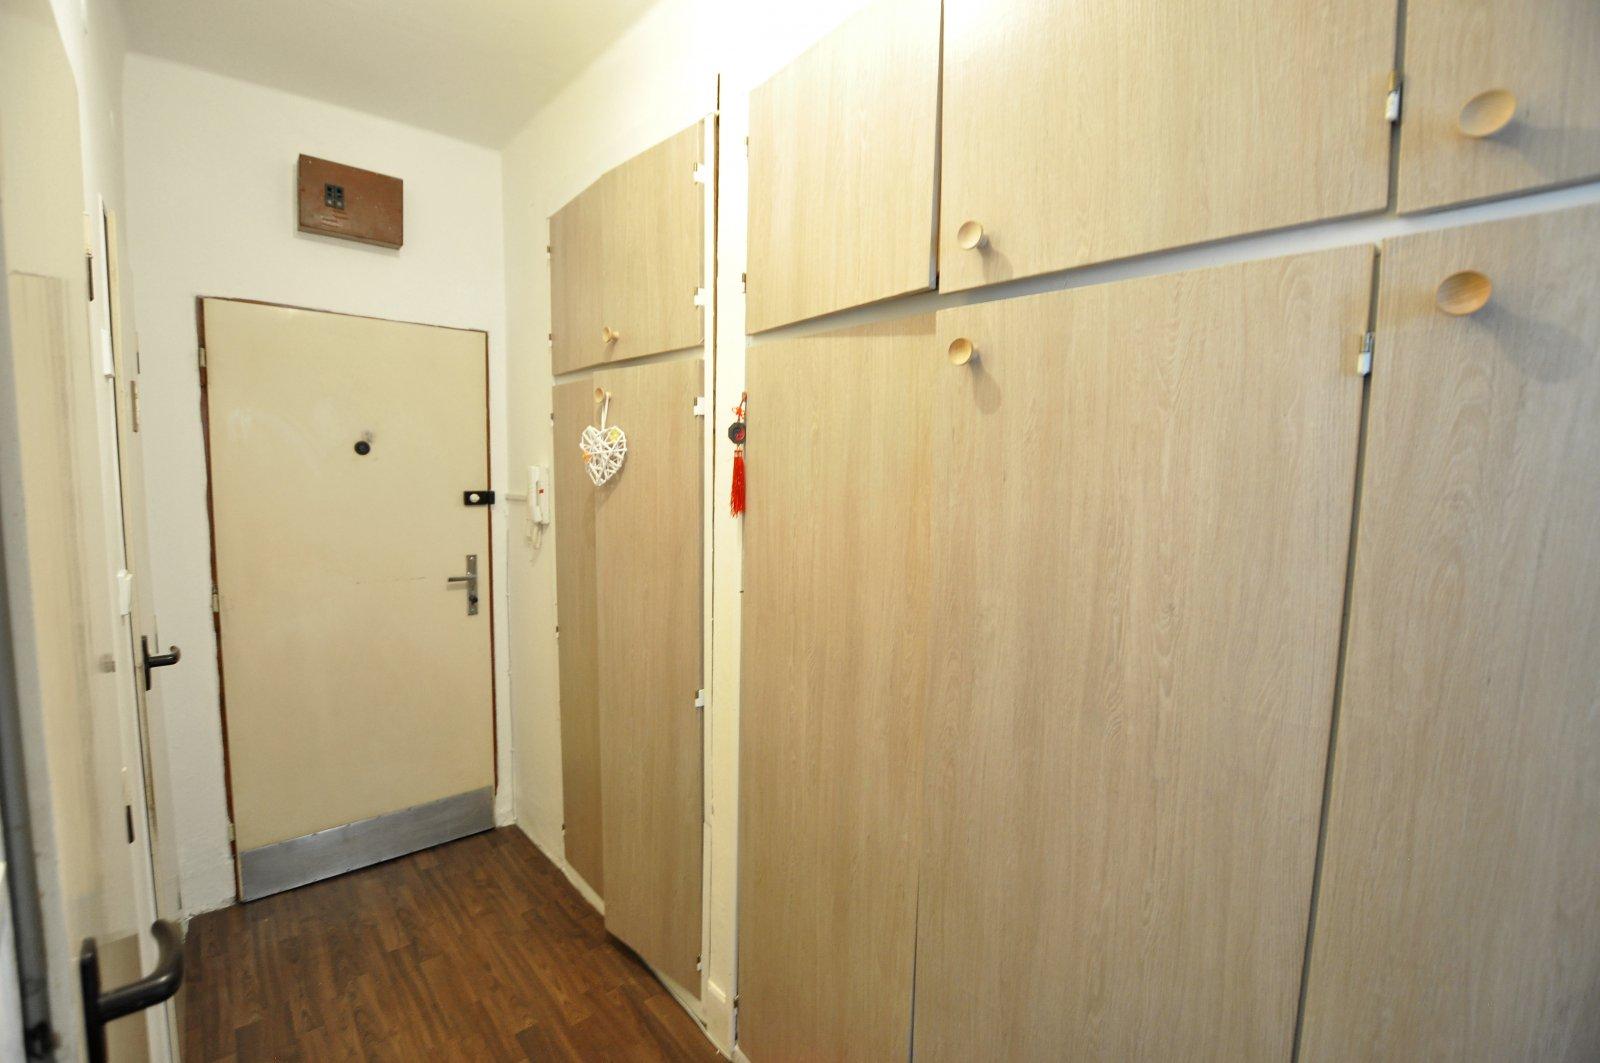 Rezervováno: Zděný byt 2+1 s menším balkonem, osobní vlastnictví, Trutnov, ulice Kryblická